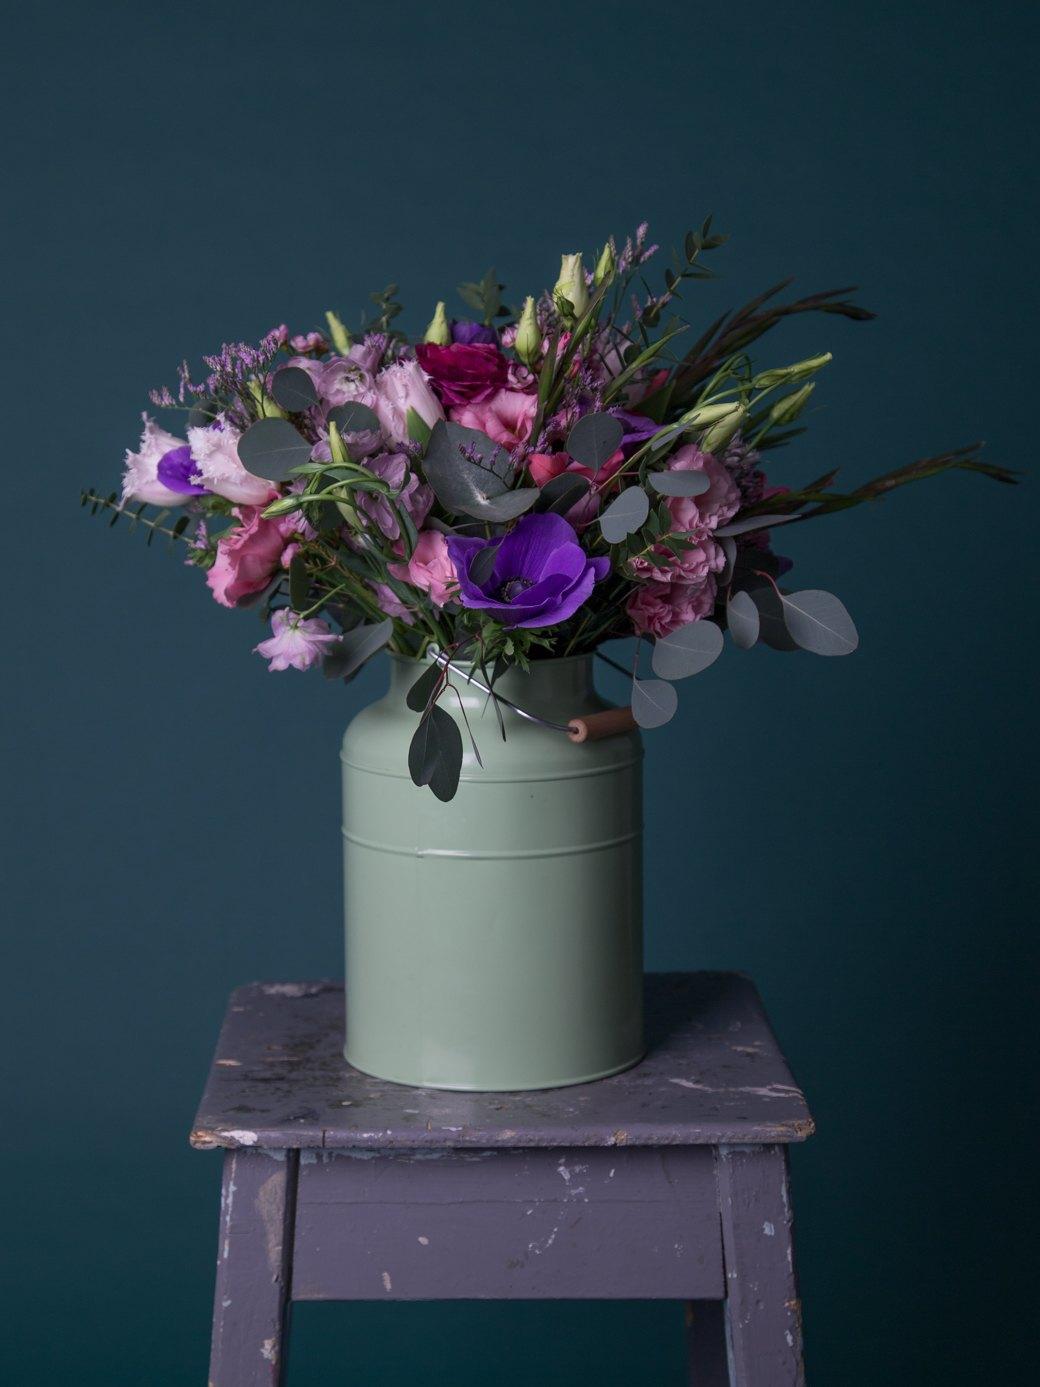 Сколько стоит букет цветов?. Изображение № 38.